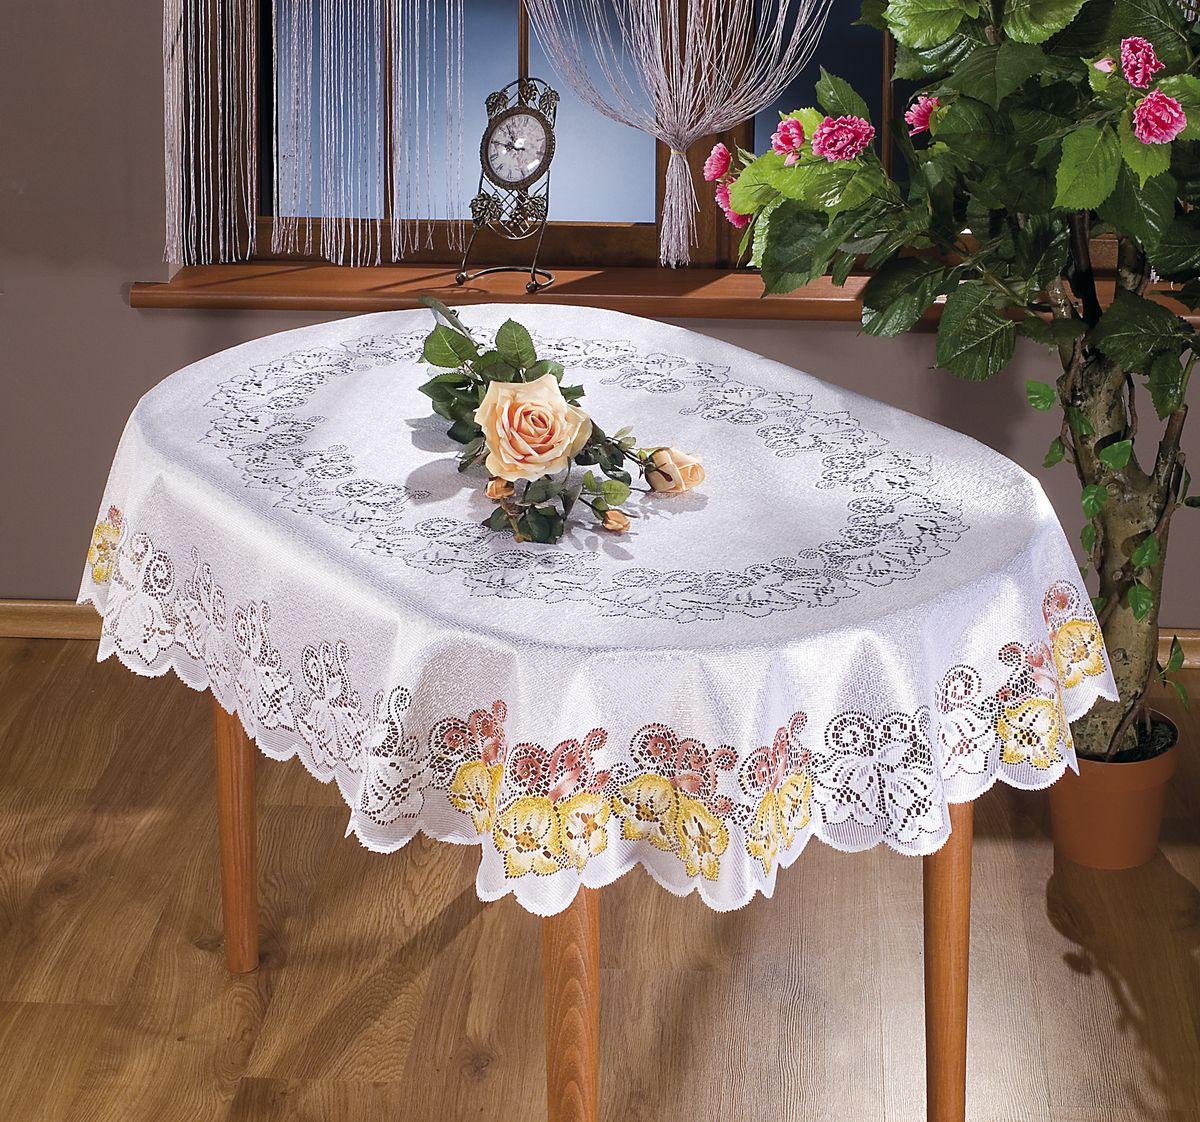 Скатерть Wisan Amadeusz, овальная, цвет: белый, 130x 170 см. 8861VT-1520(SR)Великолепная овальная скатерть Wisan Amadeusz органично впишется в интерьер любого помещения, а оригинальный дизайн удовлетворит даже самый изысканный вкус. Изделие выполнено из полиэстера и украшено изящным ажурным цветочным рисунком. Скатерть поможет создать атмосферу уюта и домашнего тепла в интерьере вашей кухни или комнаты, а также станет настоящим украшением праздничного стола.